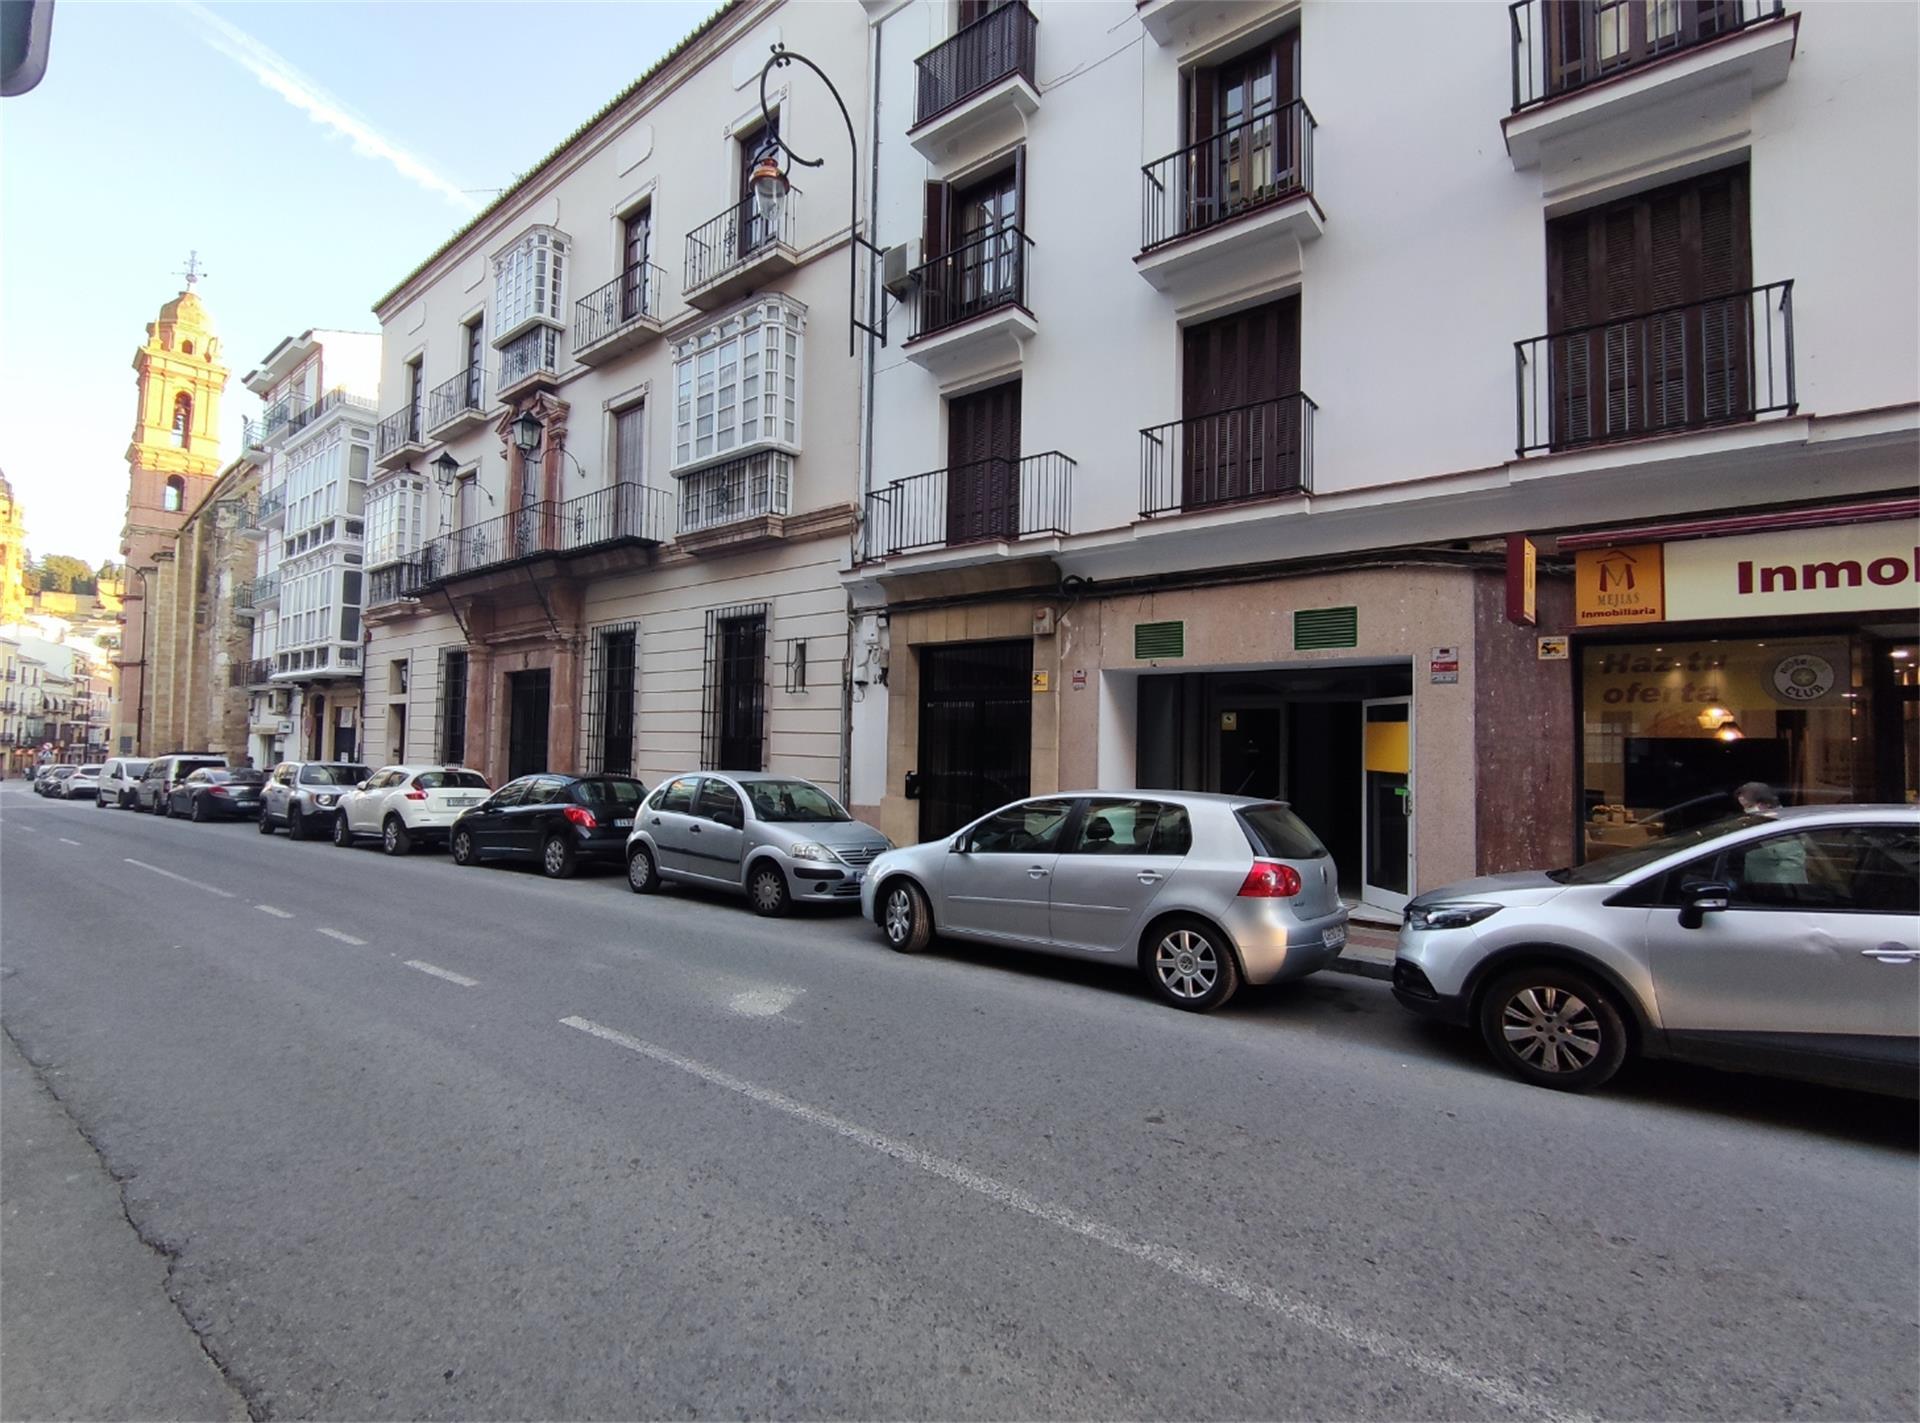 Local de alquiler en Calle Infante Don Fernando, 54 Centro (Antequera, Málaga)